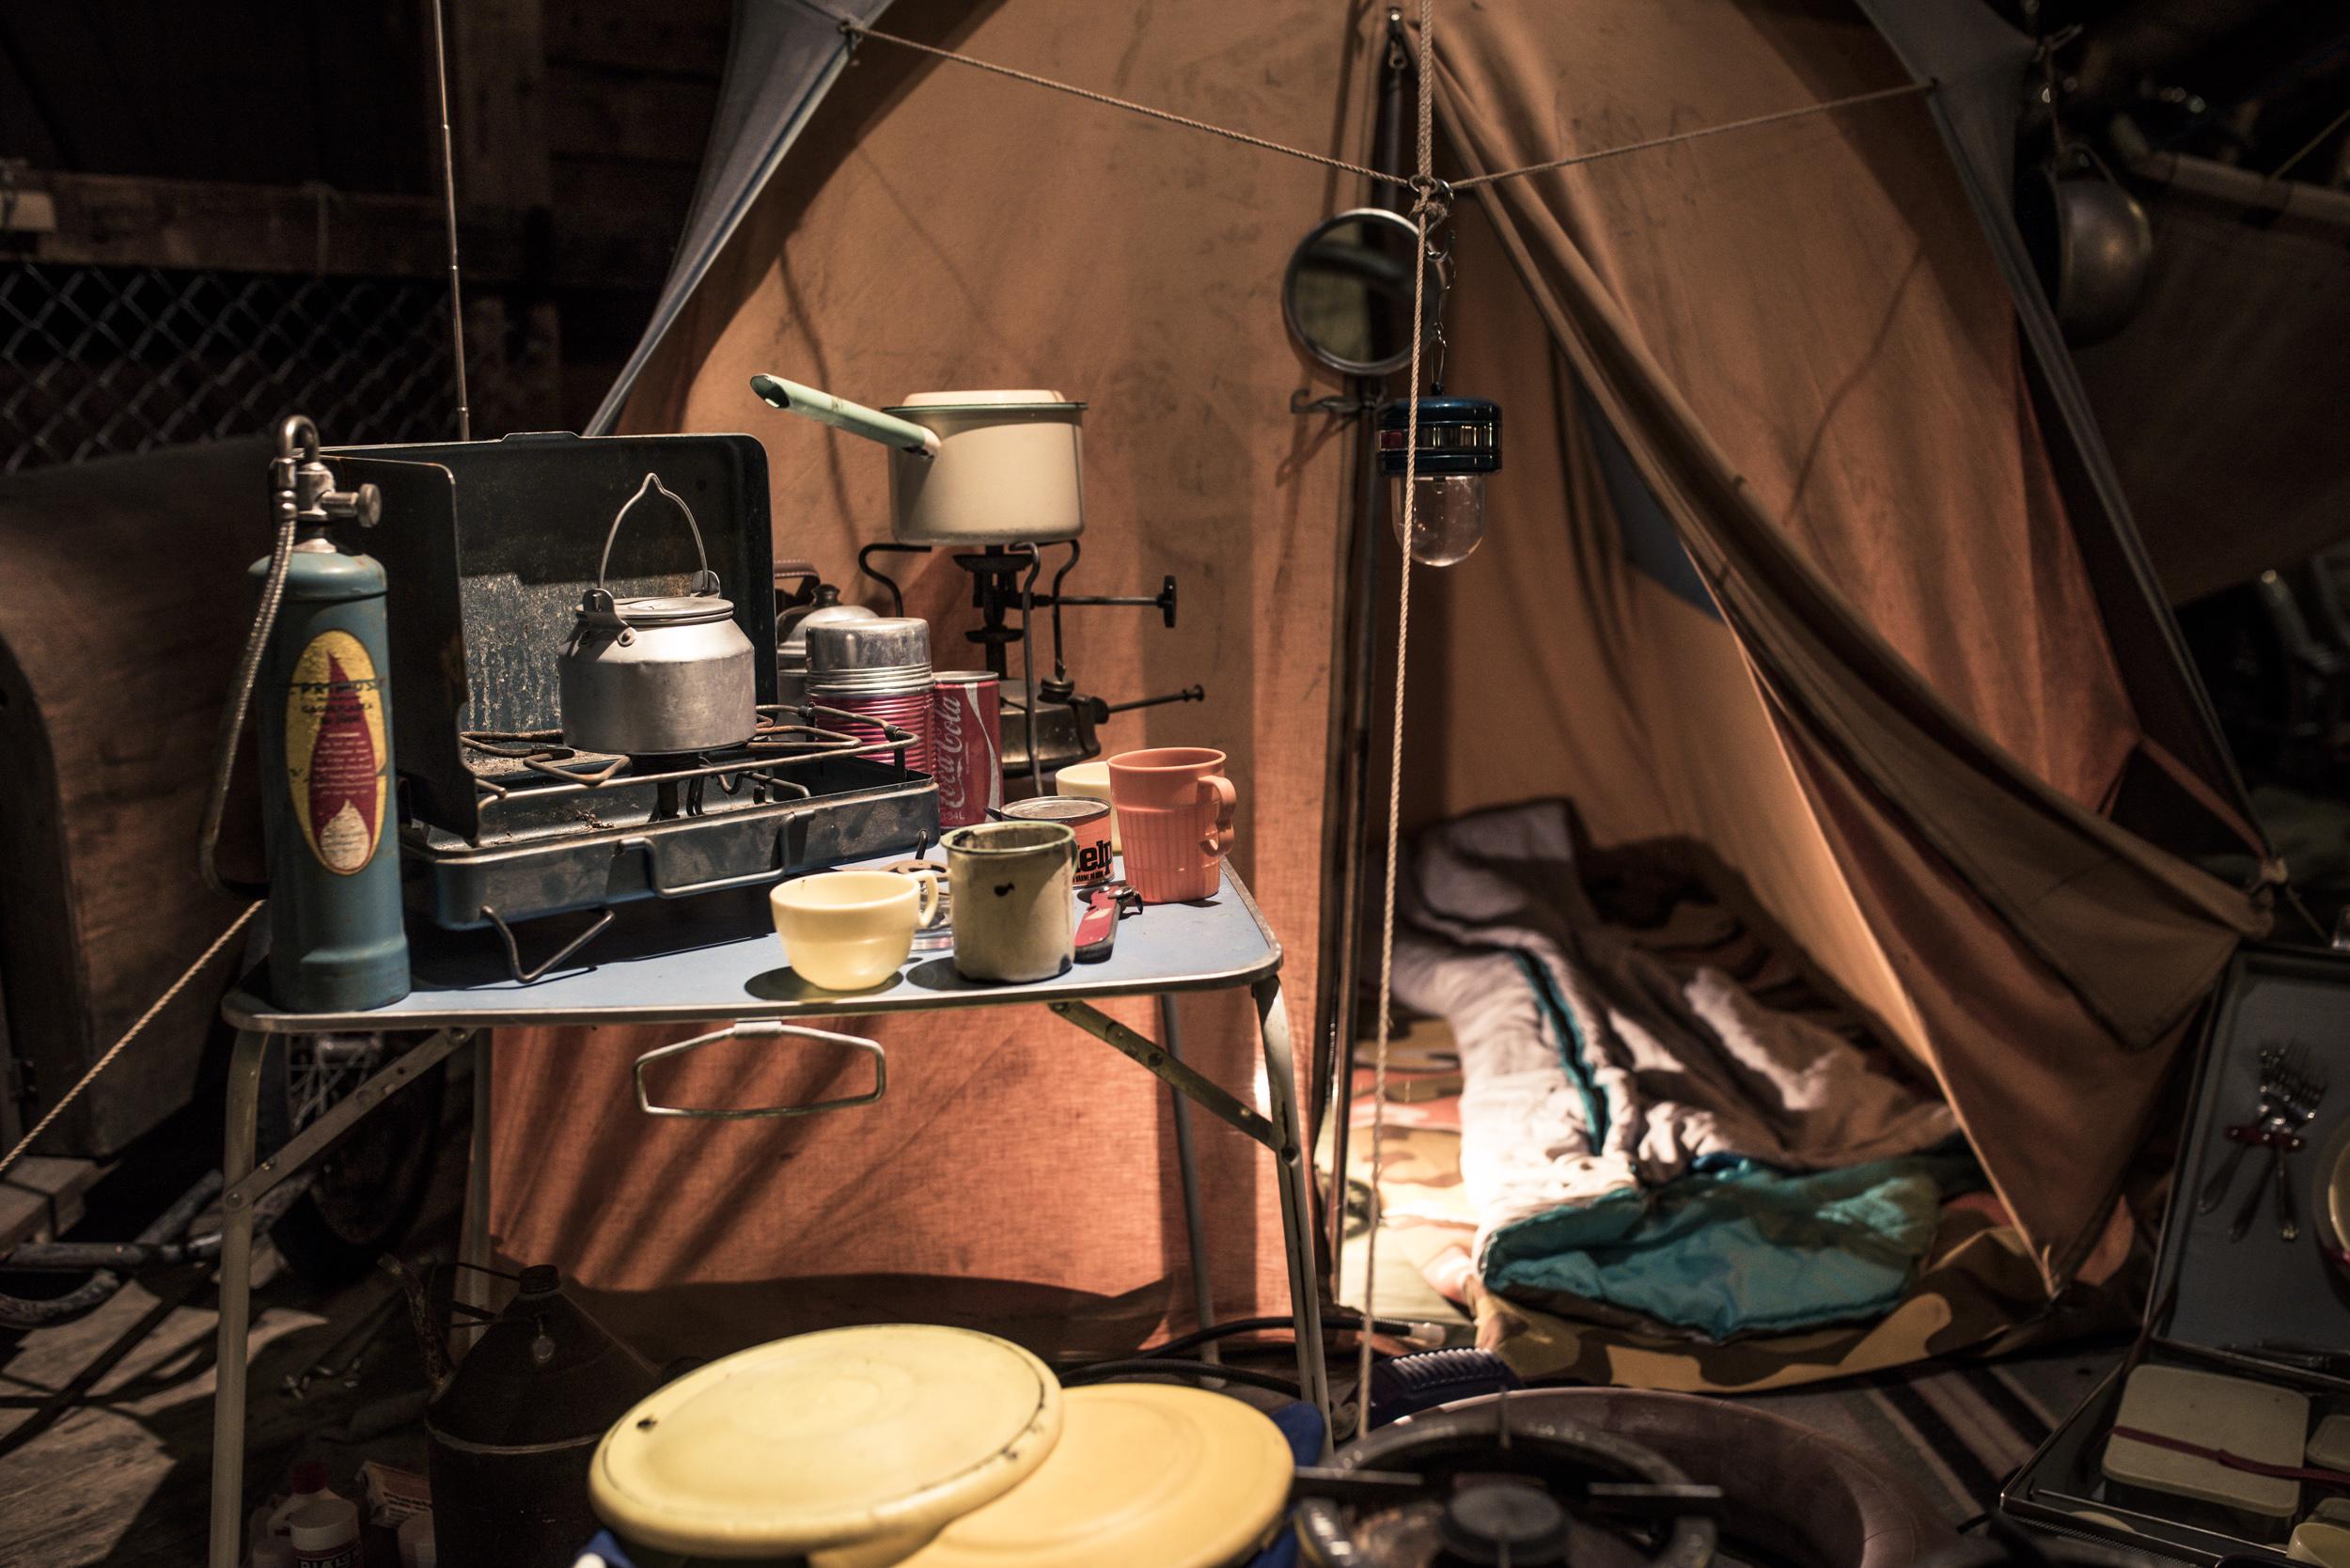 Ett sånt här tält hade vi ju....